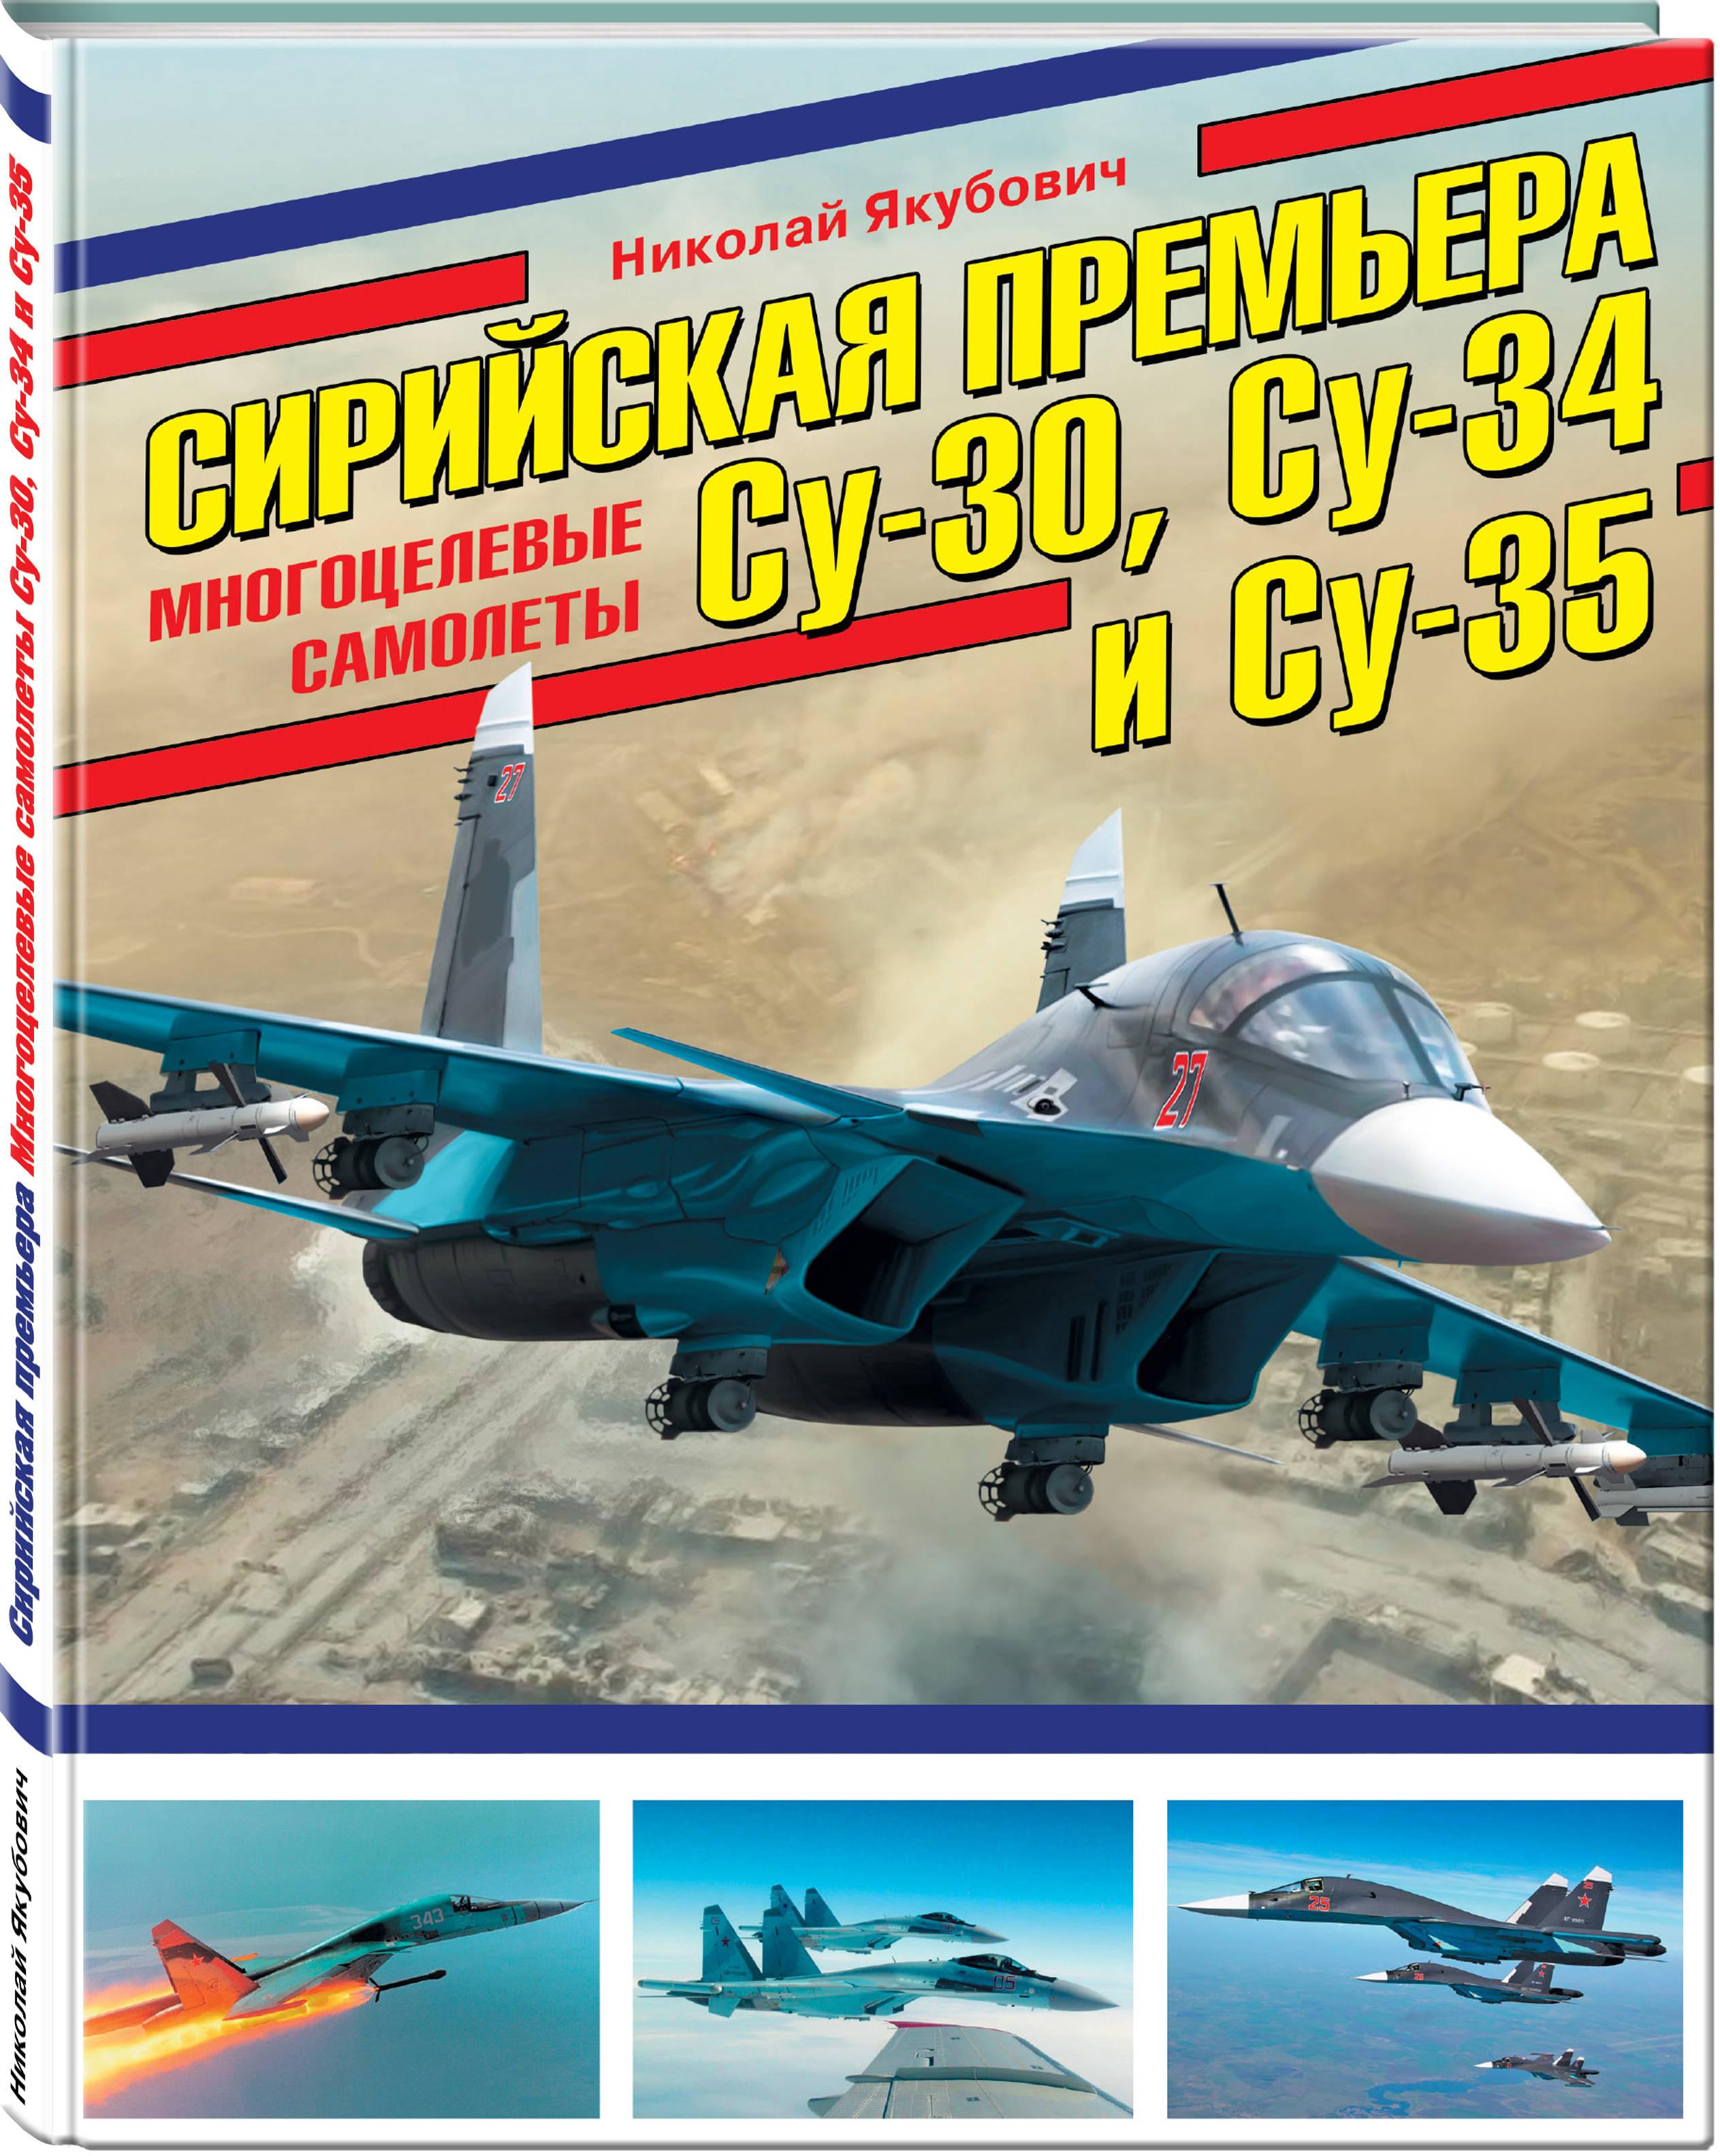 Николай Якубович Сирийская премьера. Многоцелевые самолеты Су-30, Су-34 и Су-35 шина 34 су